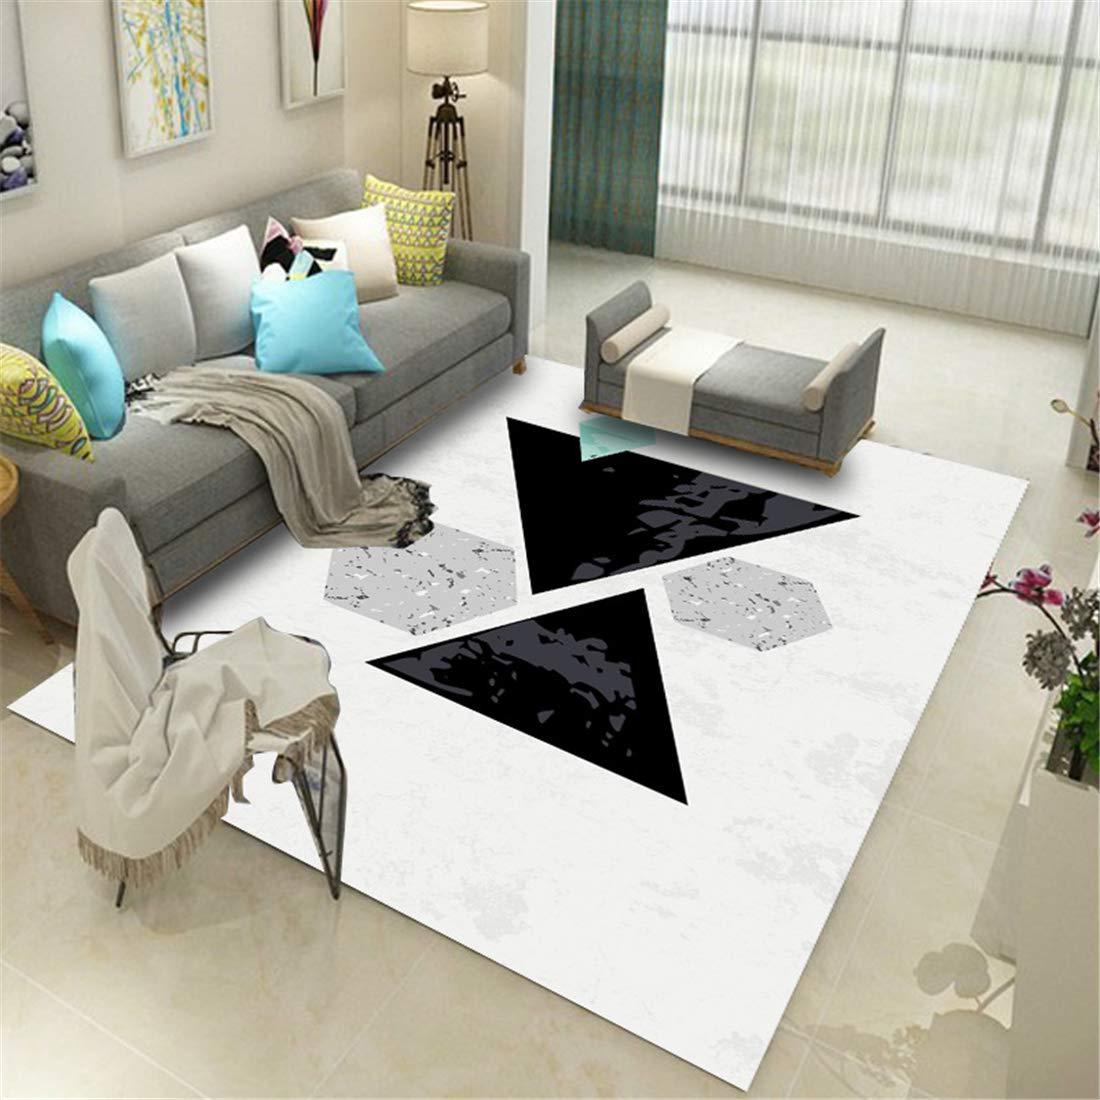 フロア マット ラバー 極厚 ラグマットテント マット 冷え160x230cmファッションシンプルでソフトで快適な3Dプリントカーペットのコーヒーテーブルの寝室のリビングルームのホームカーペット掃除機をかける材料幾何学的抽象化 B07RKW9KL2 白 160x230cm